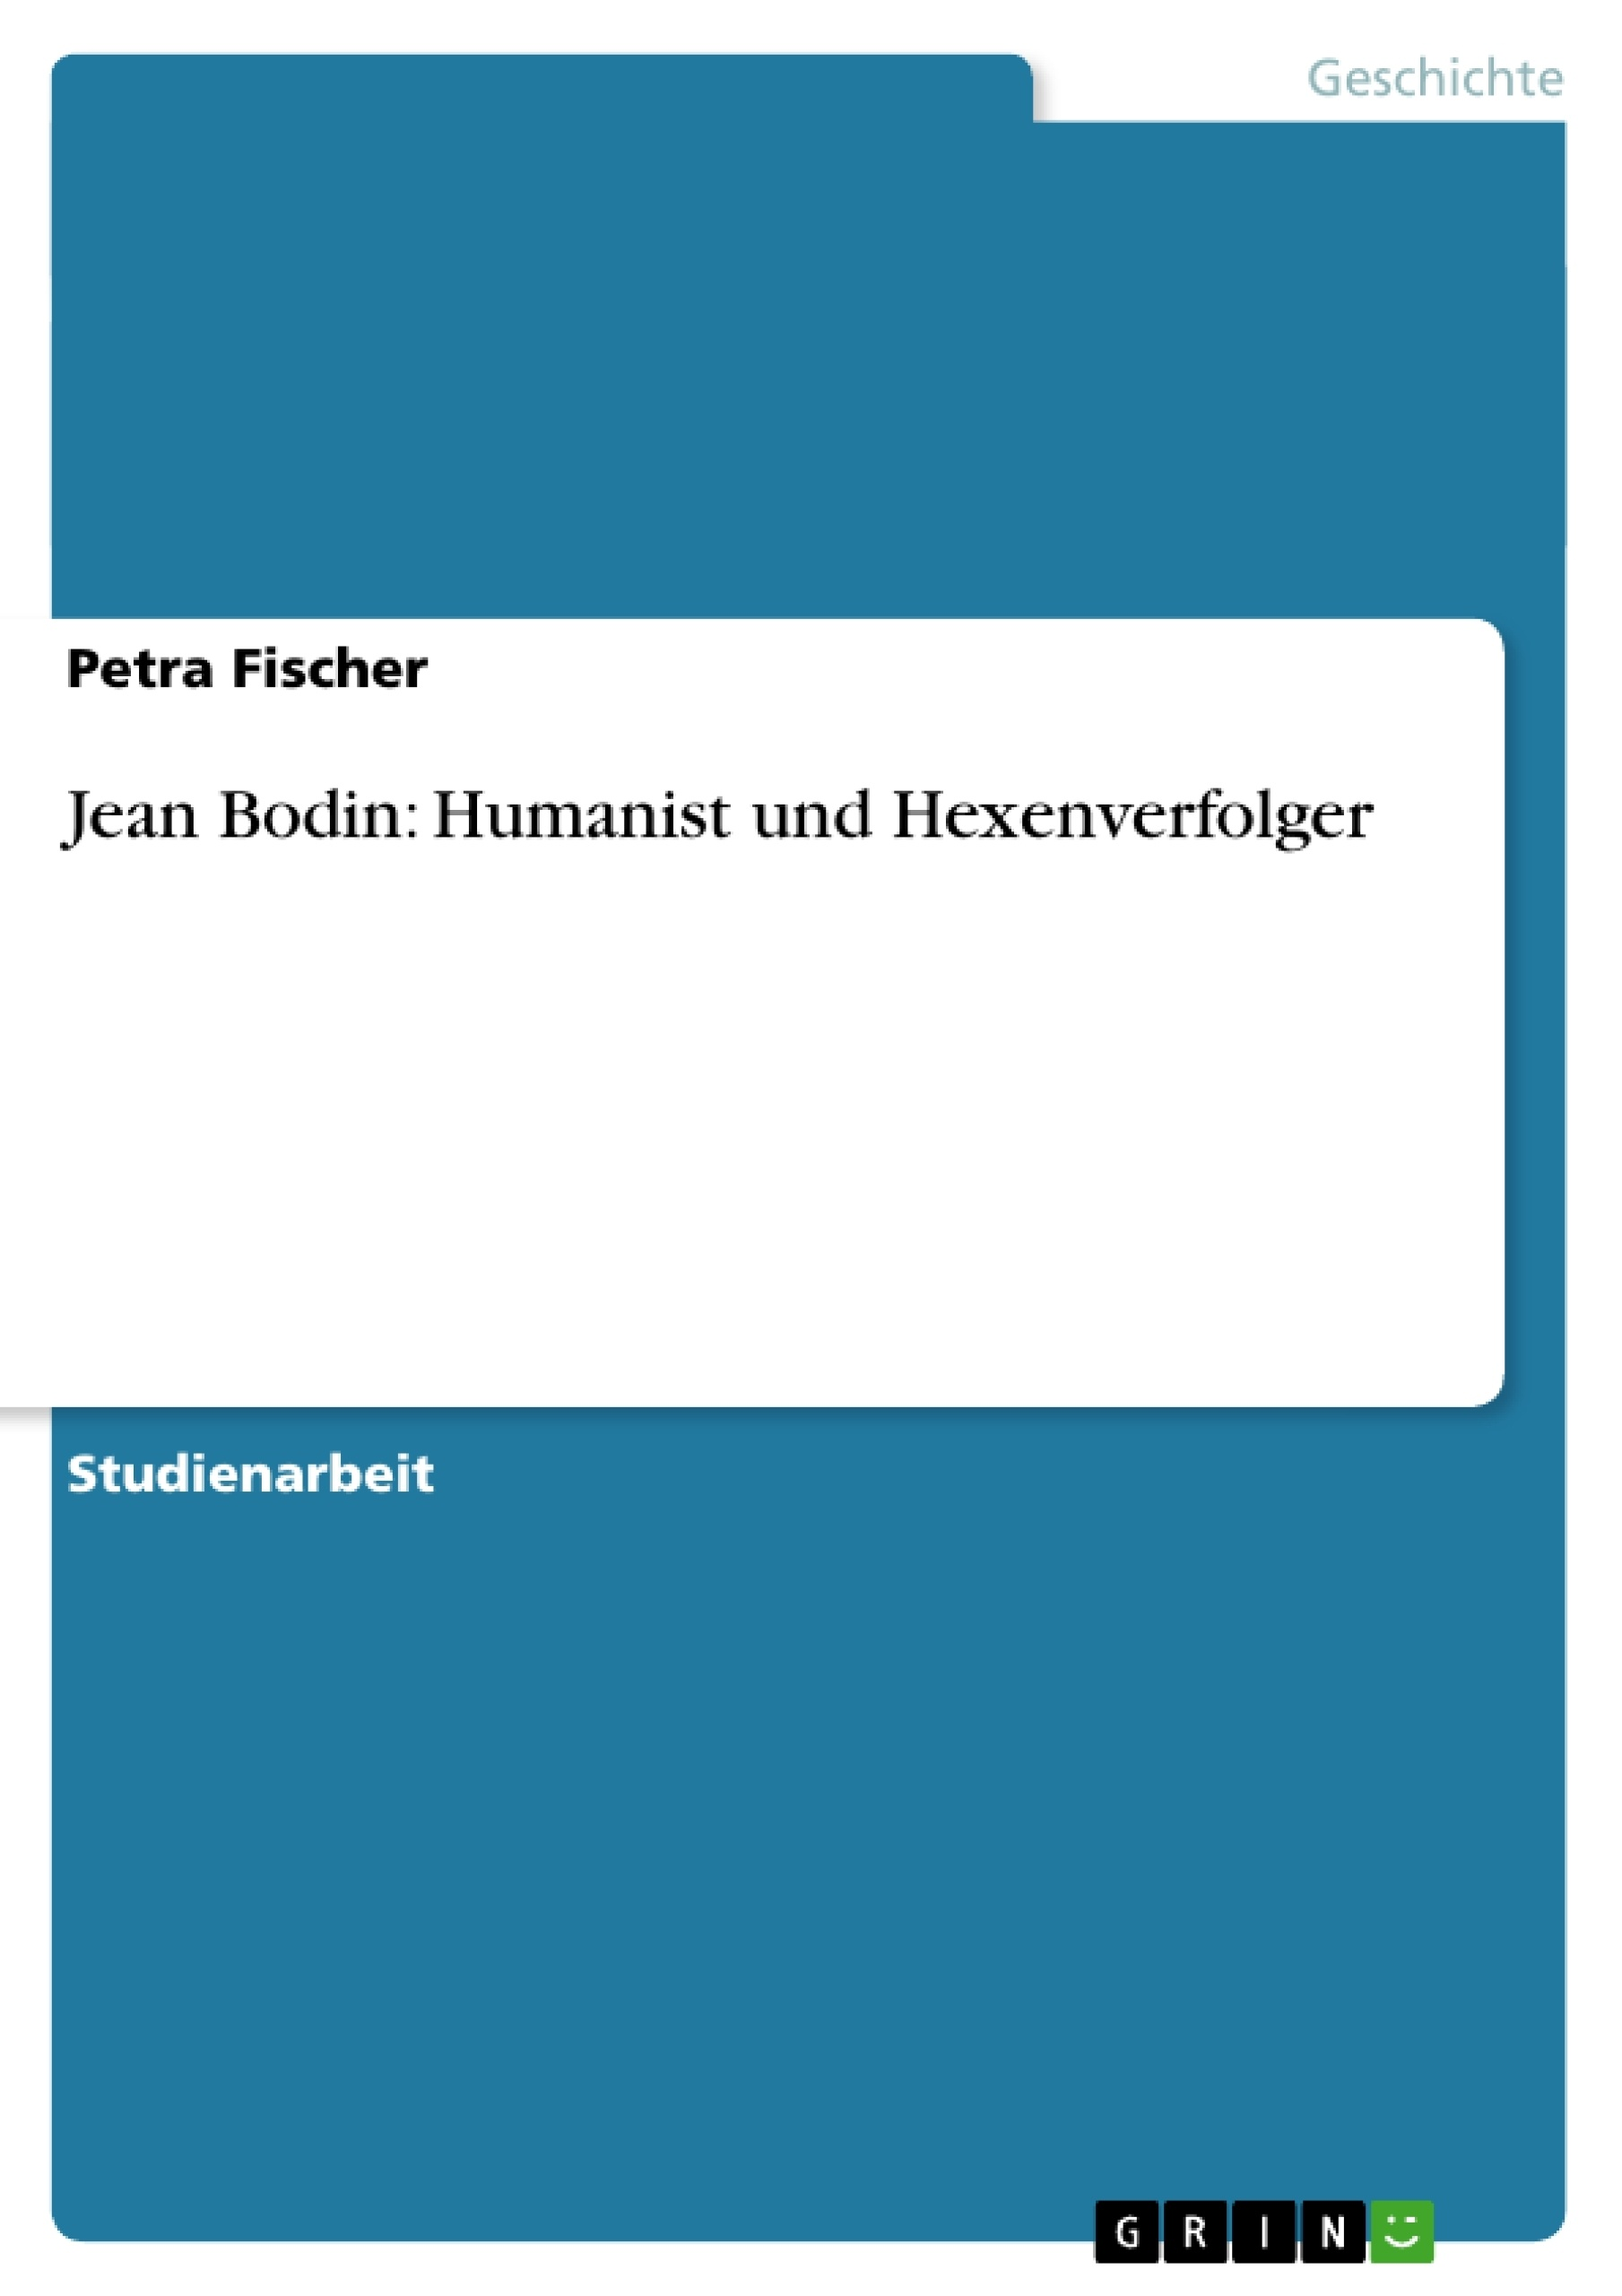 Titel: Jean Bodin: Humanist und Hexenverfolger